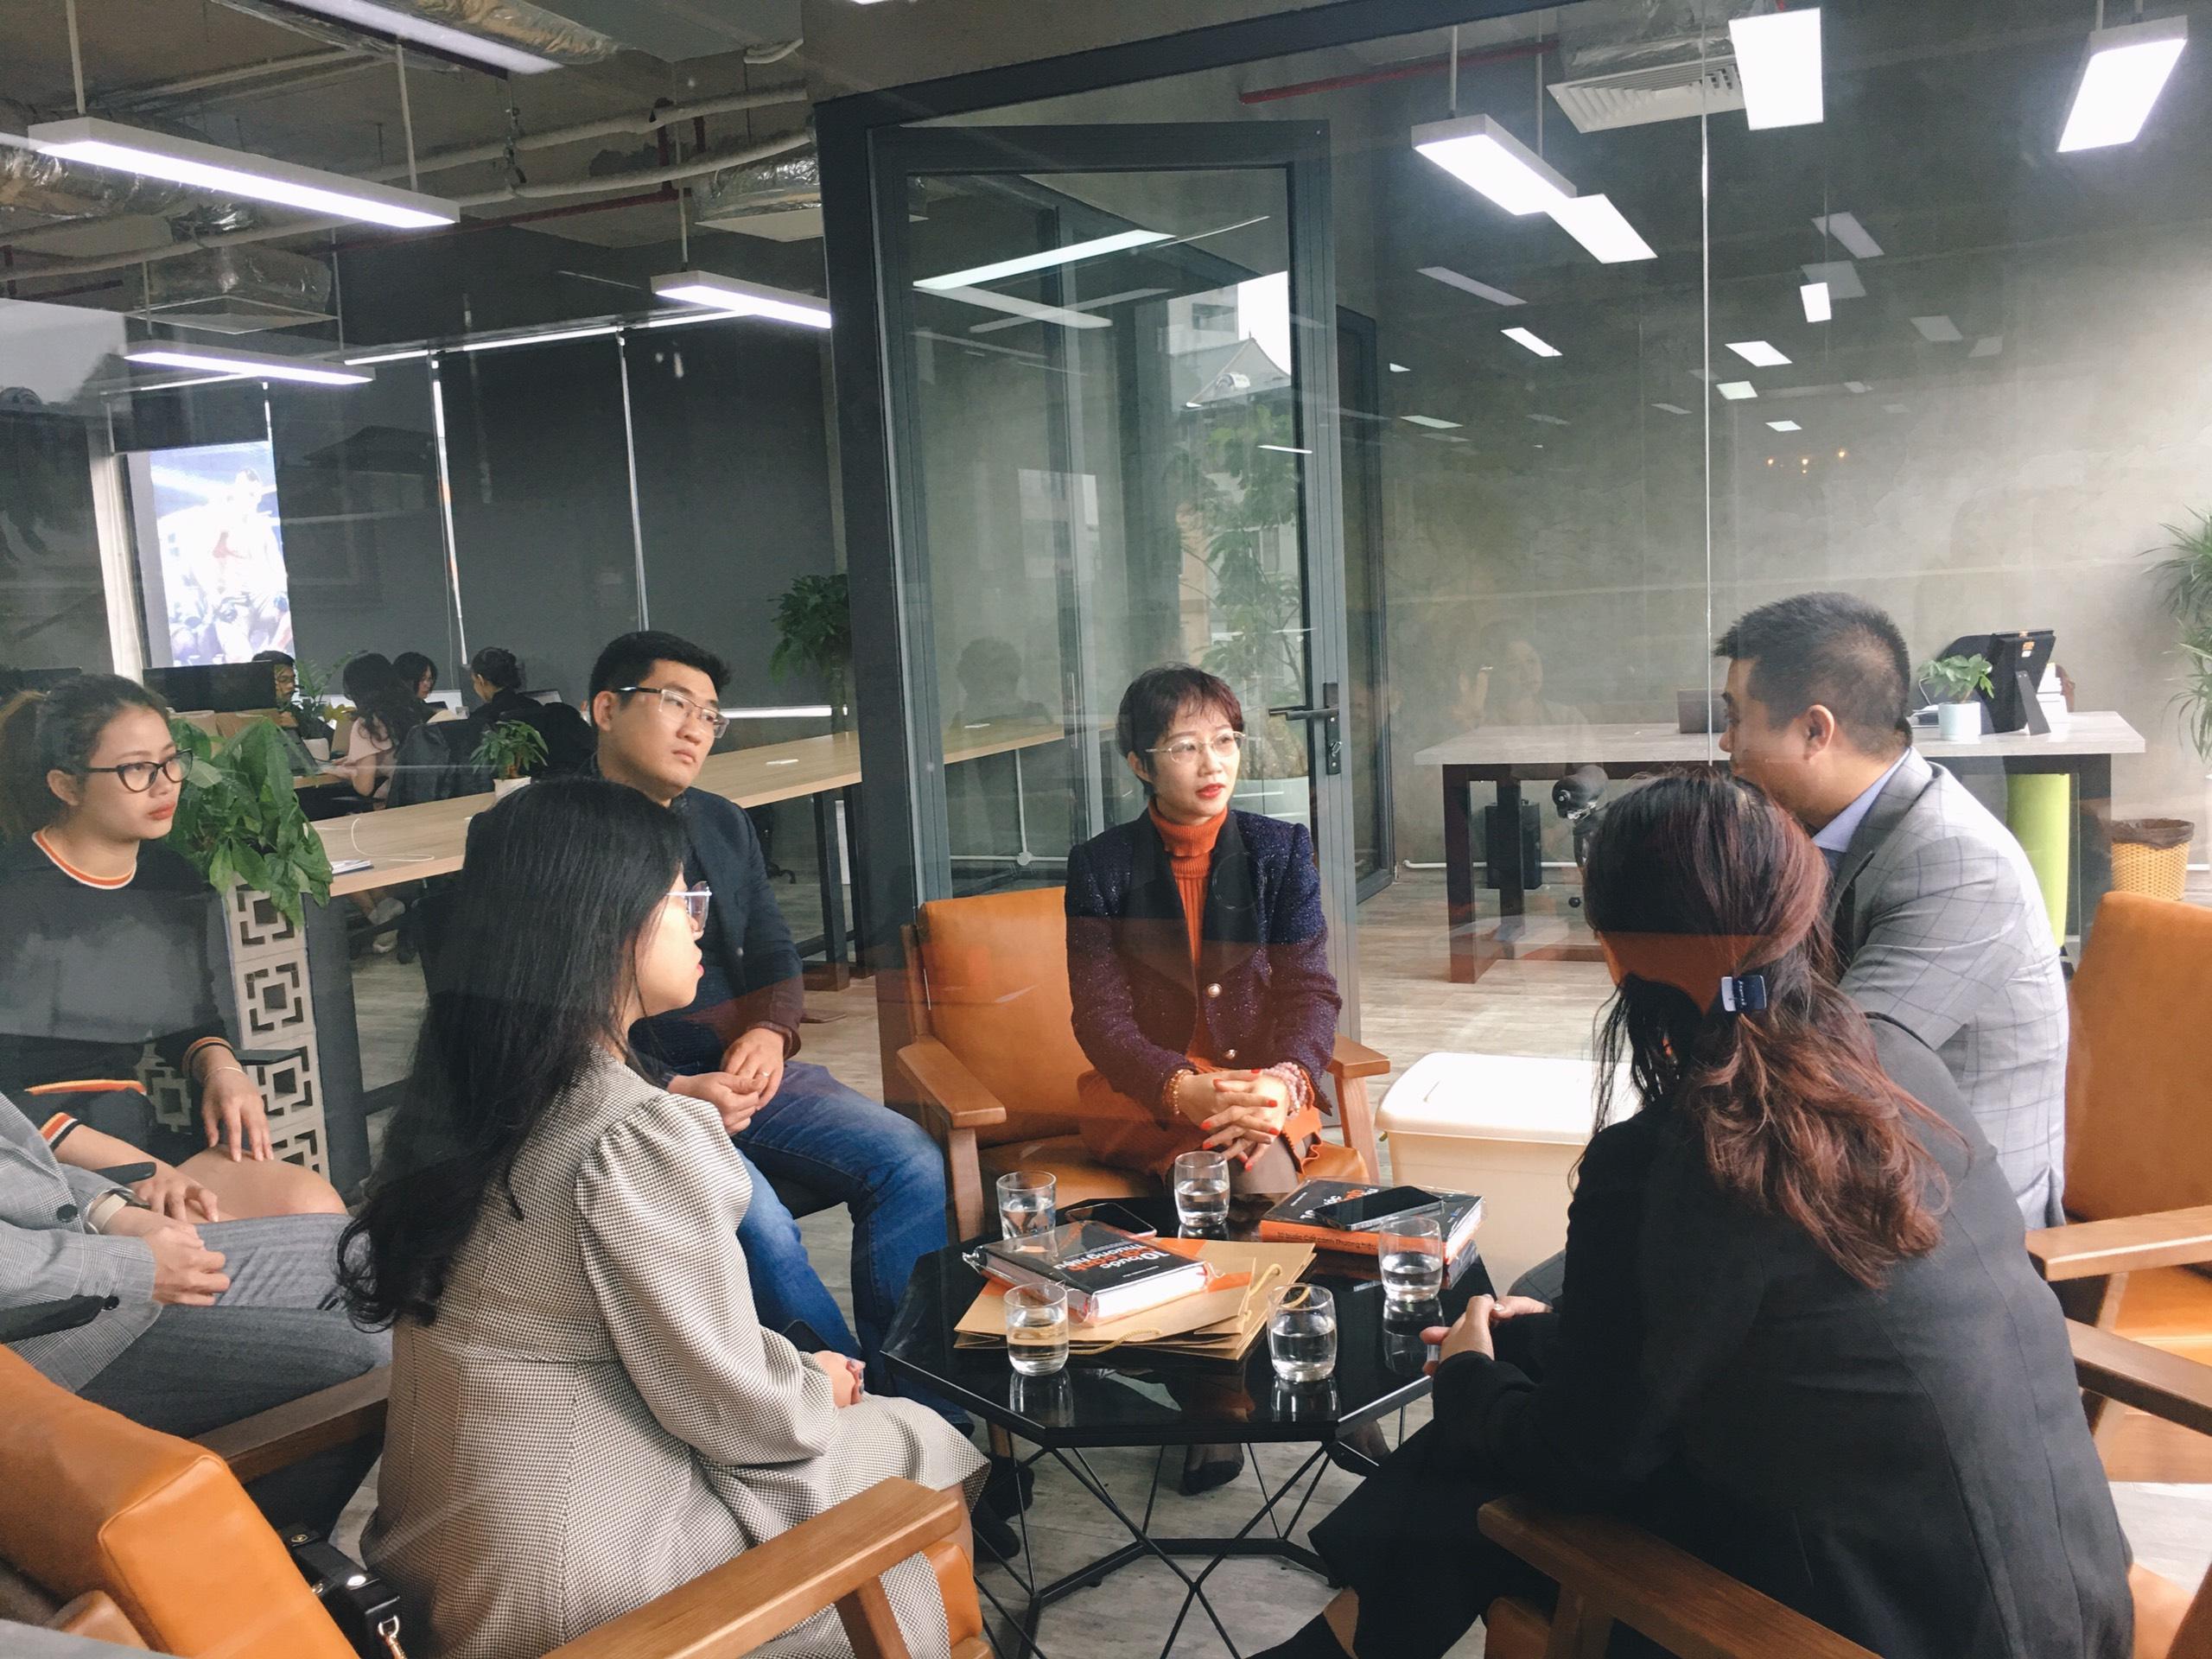 Sự hợp tác giữa 2 bên là cơ sở để thực hiện sứ mệnh tiên phong trong chuyển đổi số và mang đến các giải pháp tuyệt vời cho doanh nghiệp SMEs Việt Nam